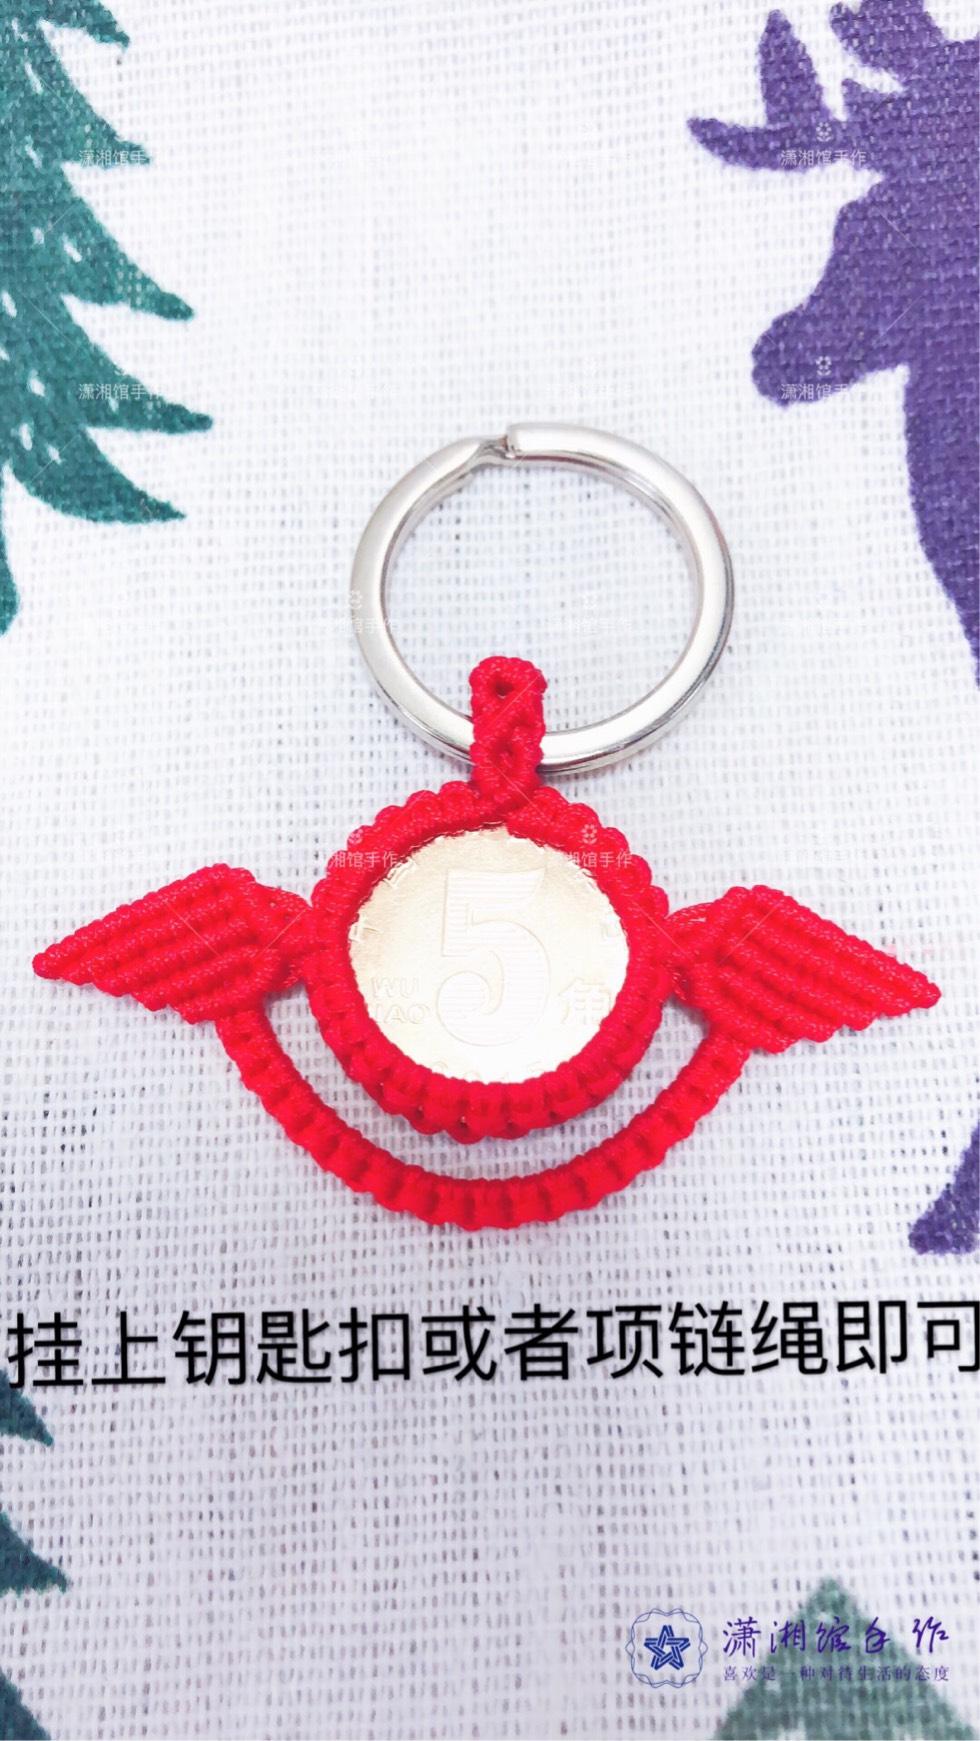 中国结论坛 硬币挂件天使翅膀钥匙扣教程  图文教程区 170149qjazina6bktmumtf